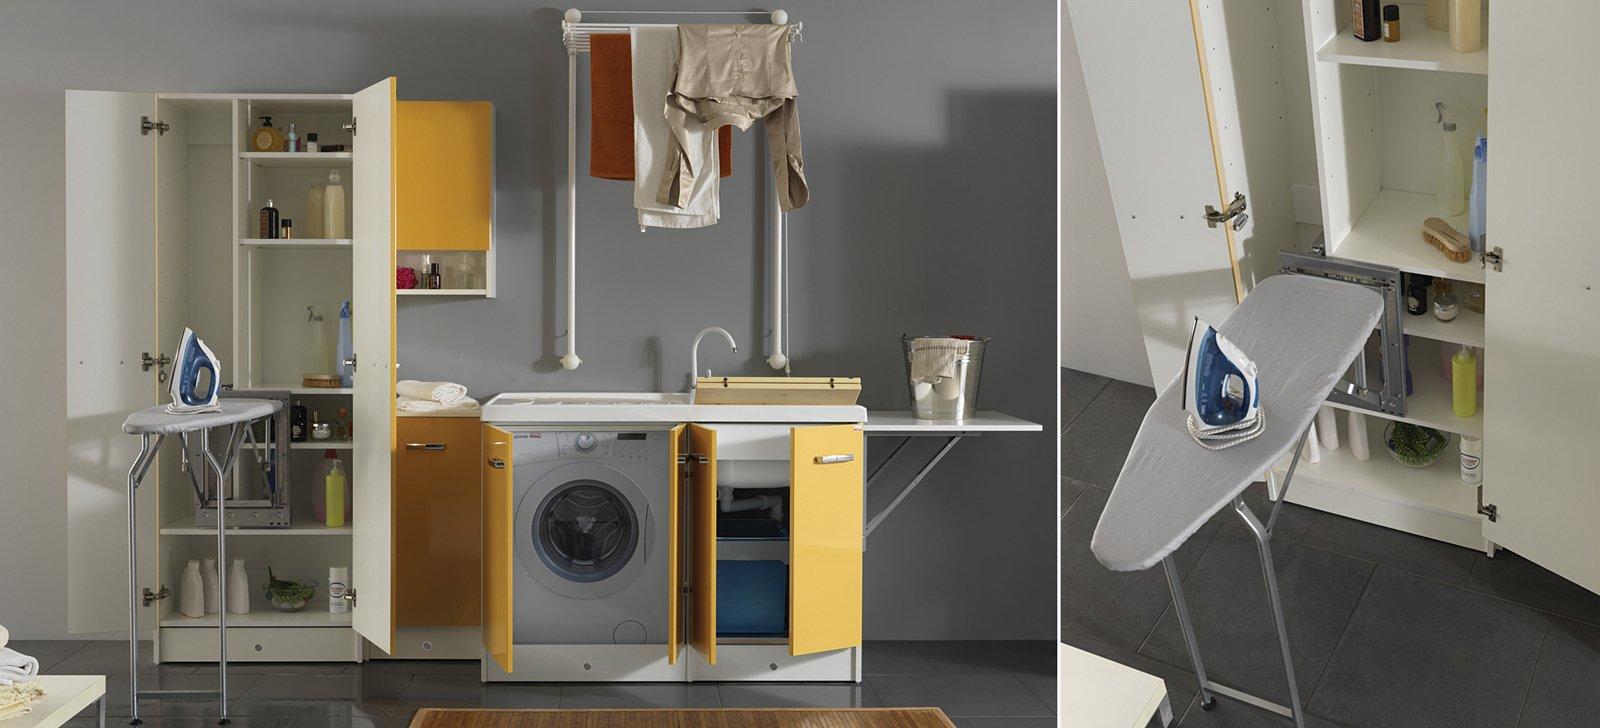 Lavanderia stireria tutto quel che serve cose di casa - Arredo per lavanderia di casa ...